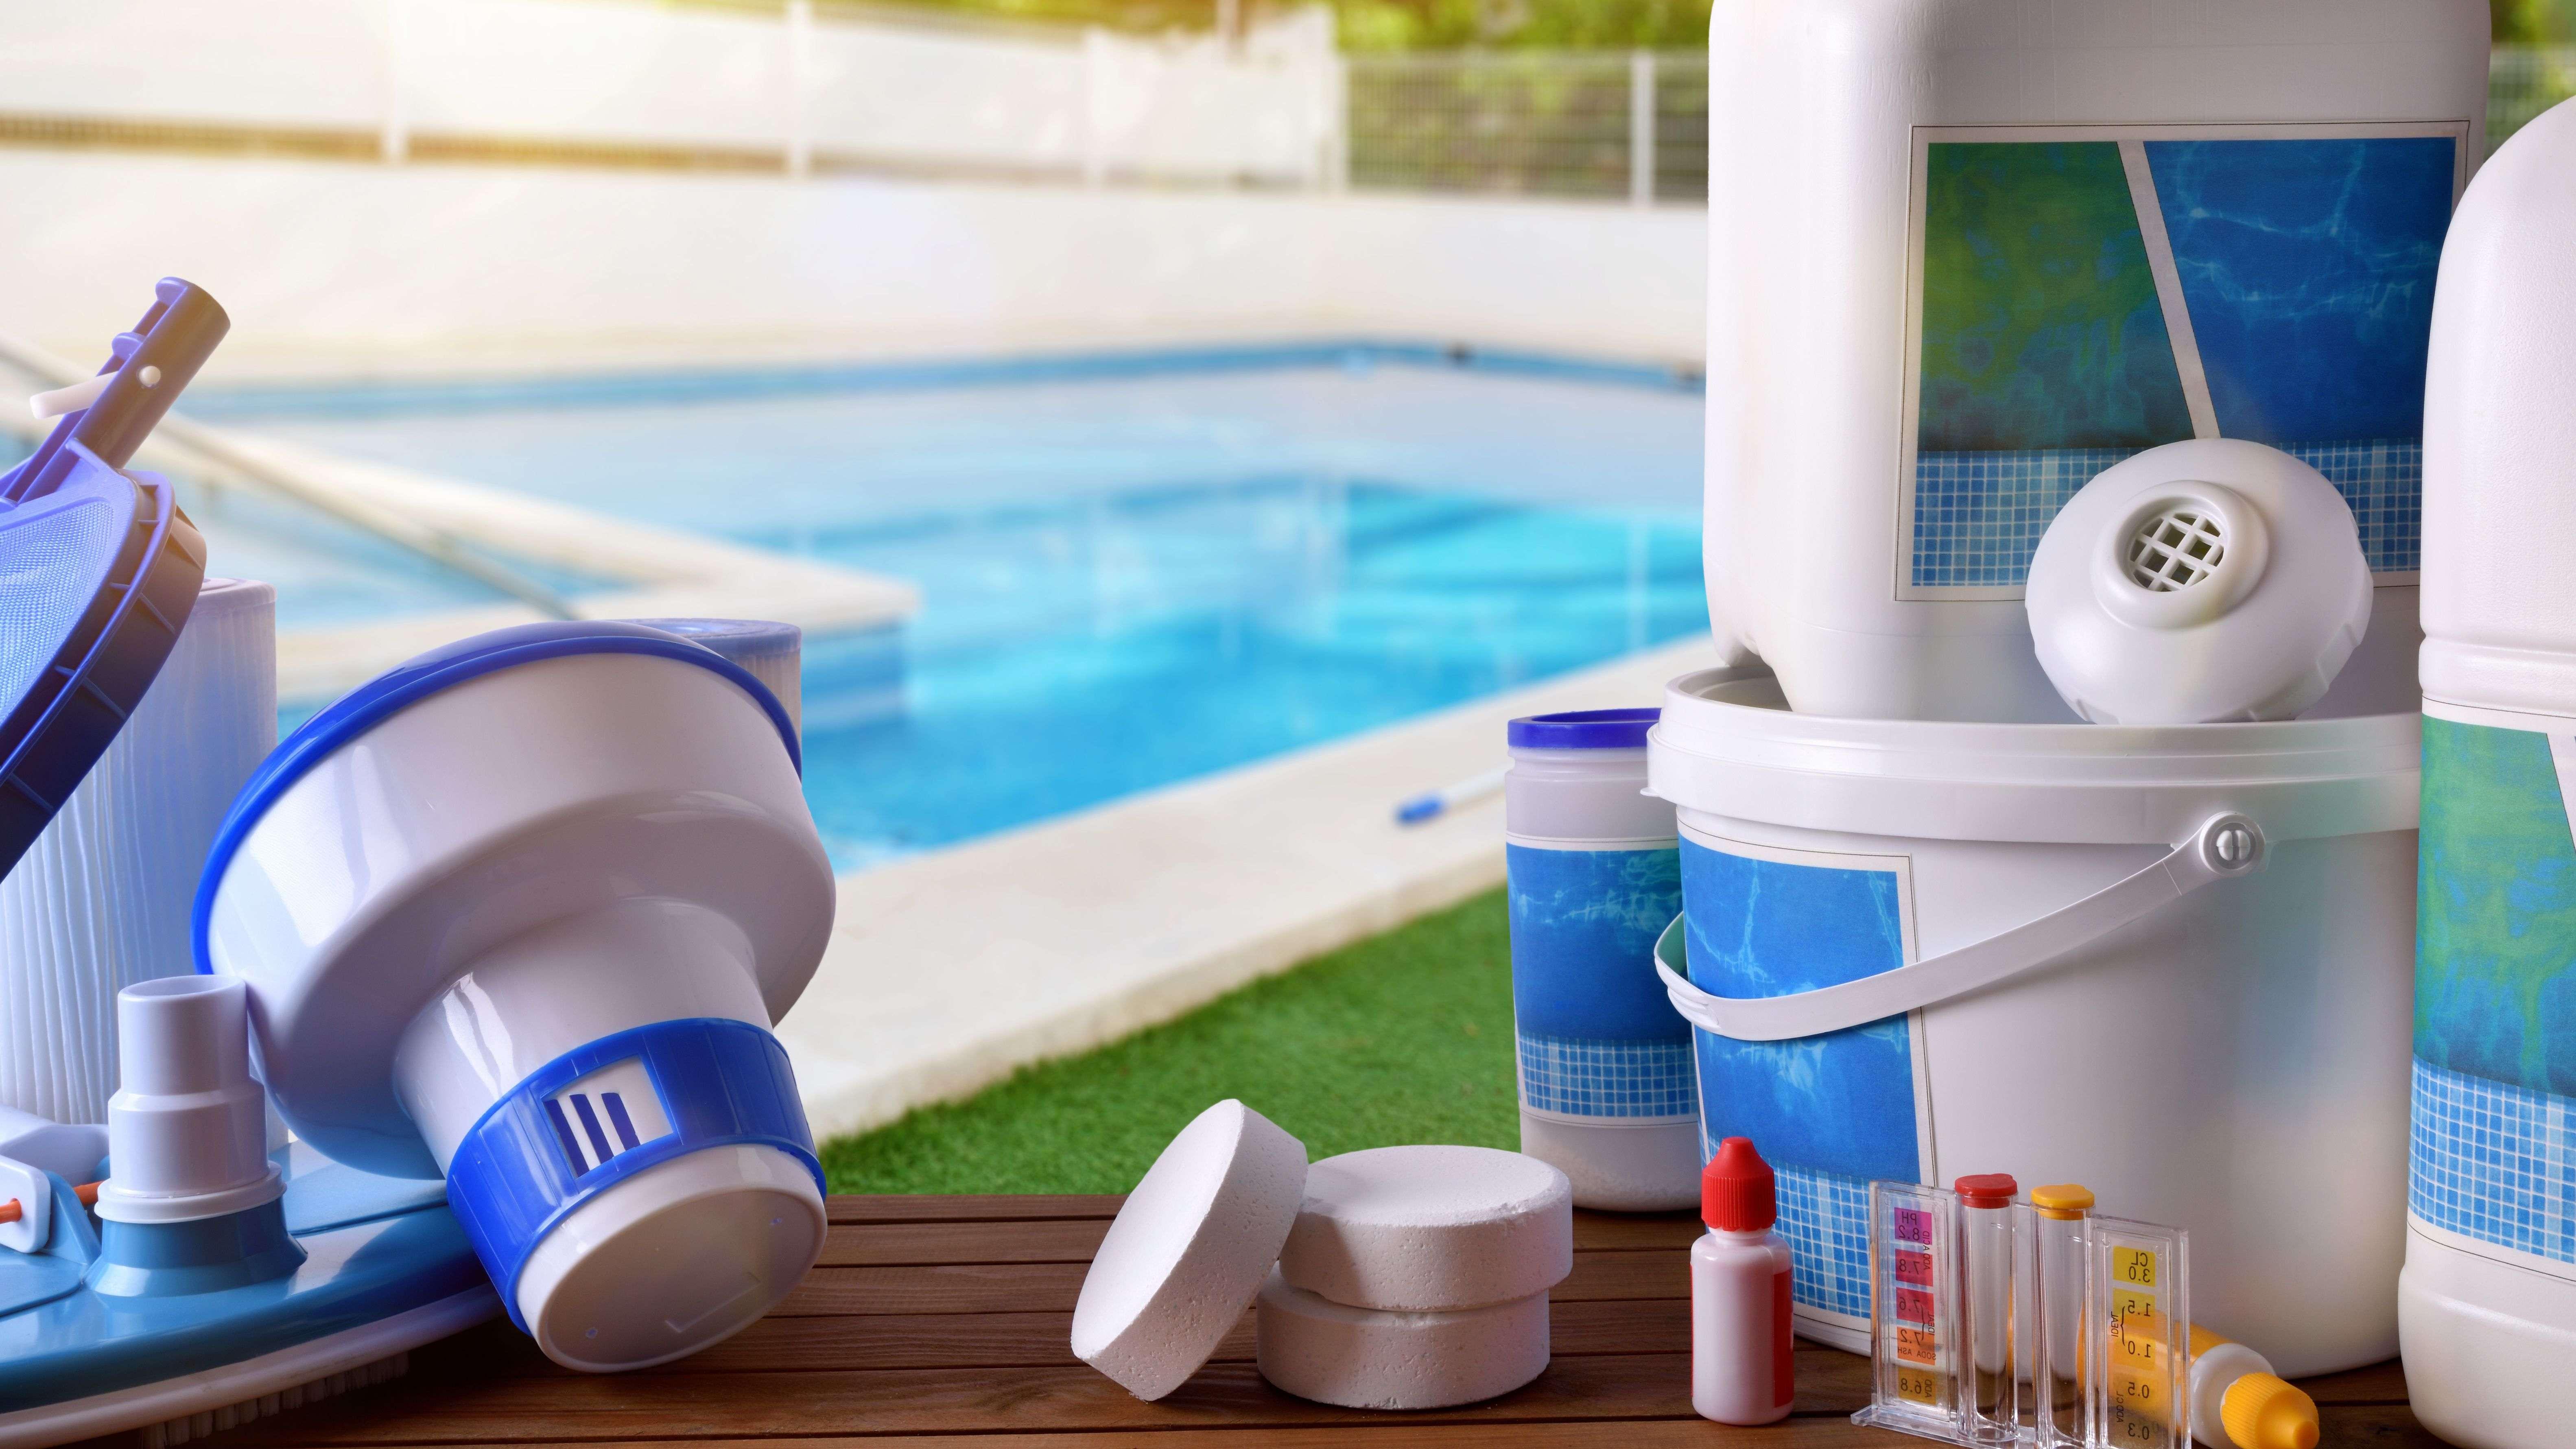 Come scegliere i prodotti per la manutenzione della piscina